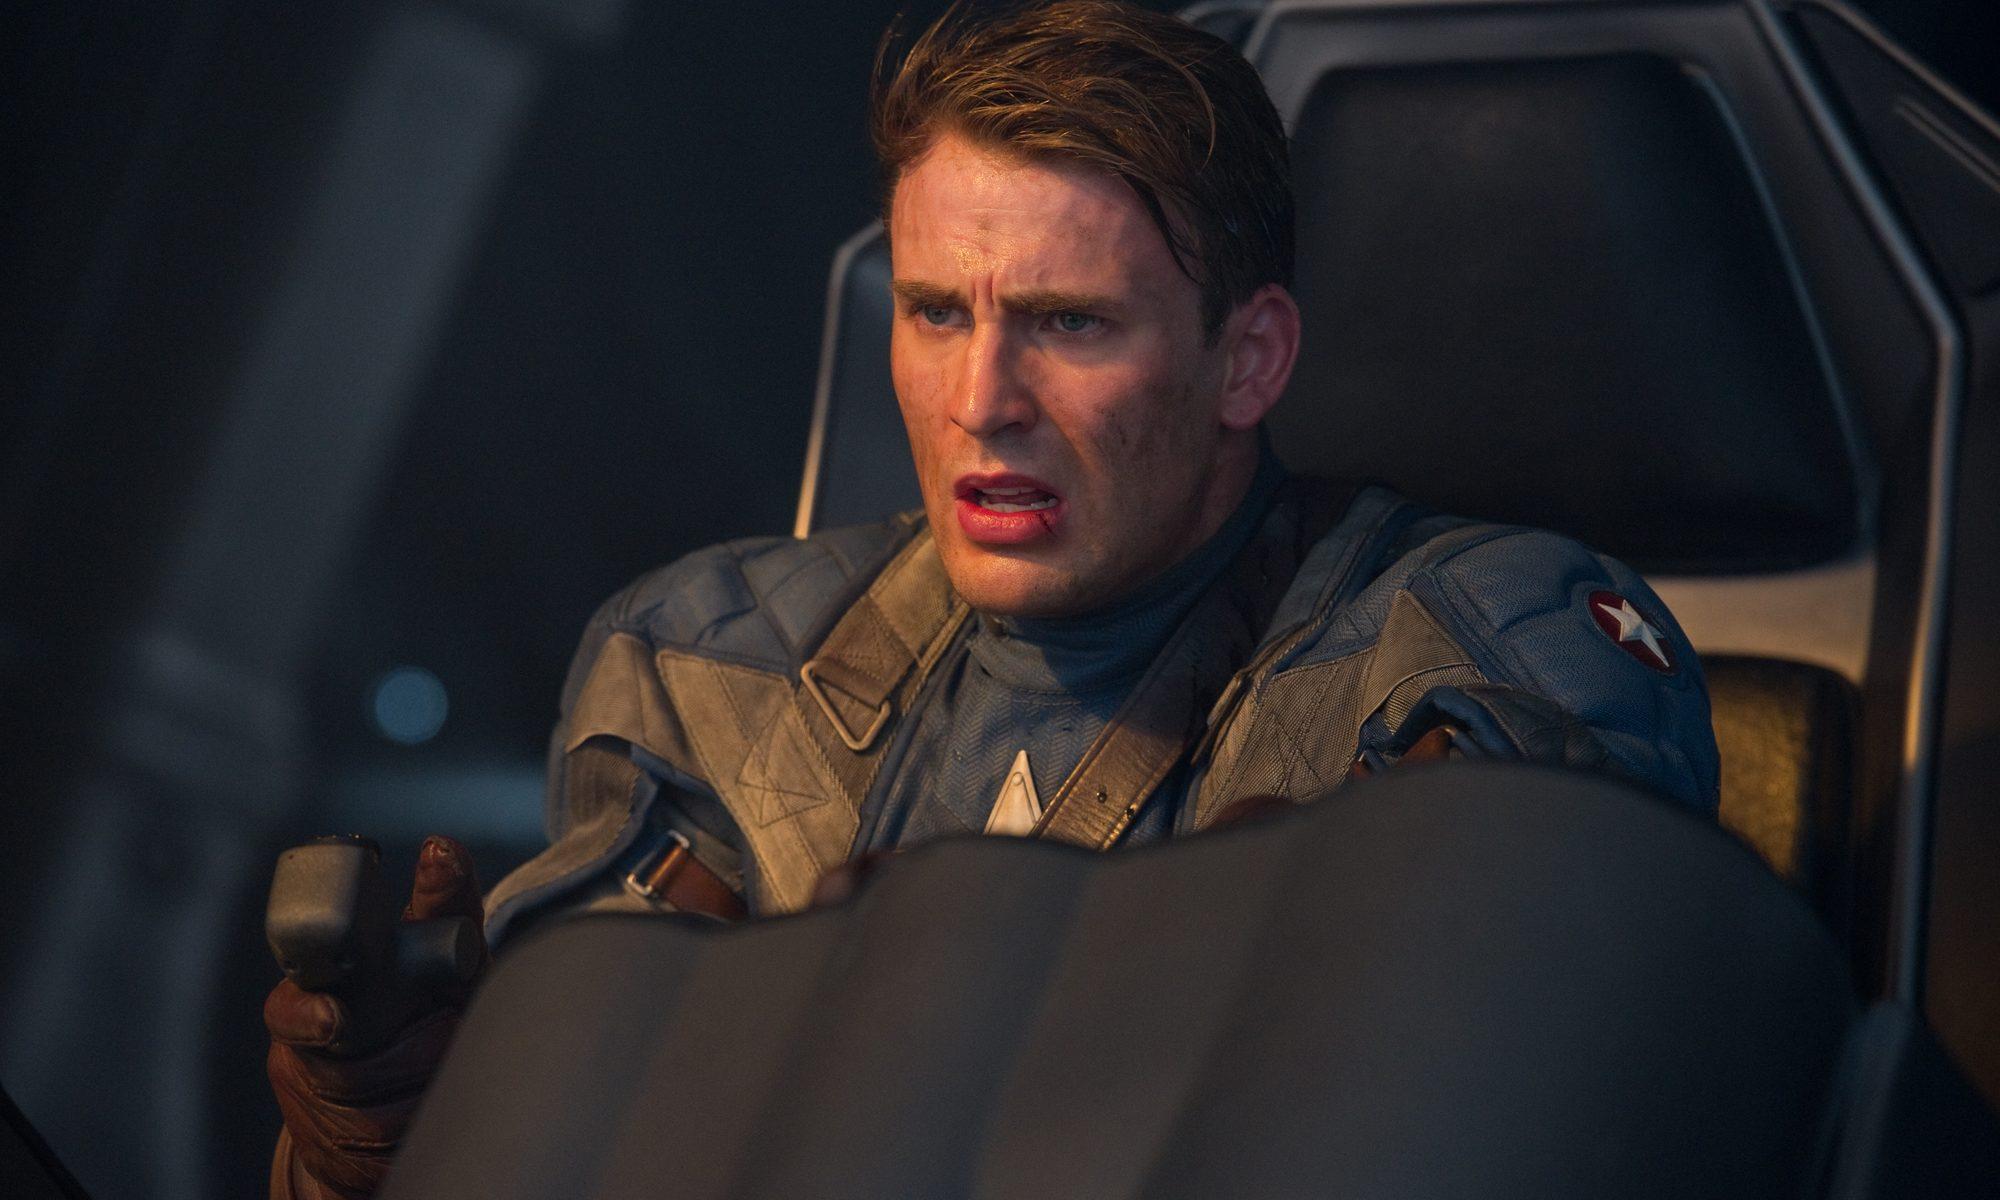 Капитан Америка в падающем самолете